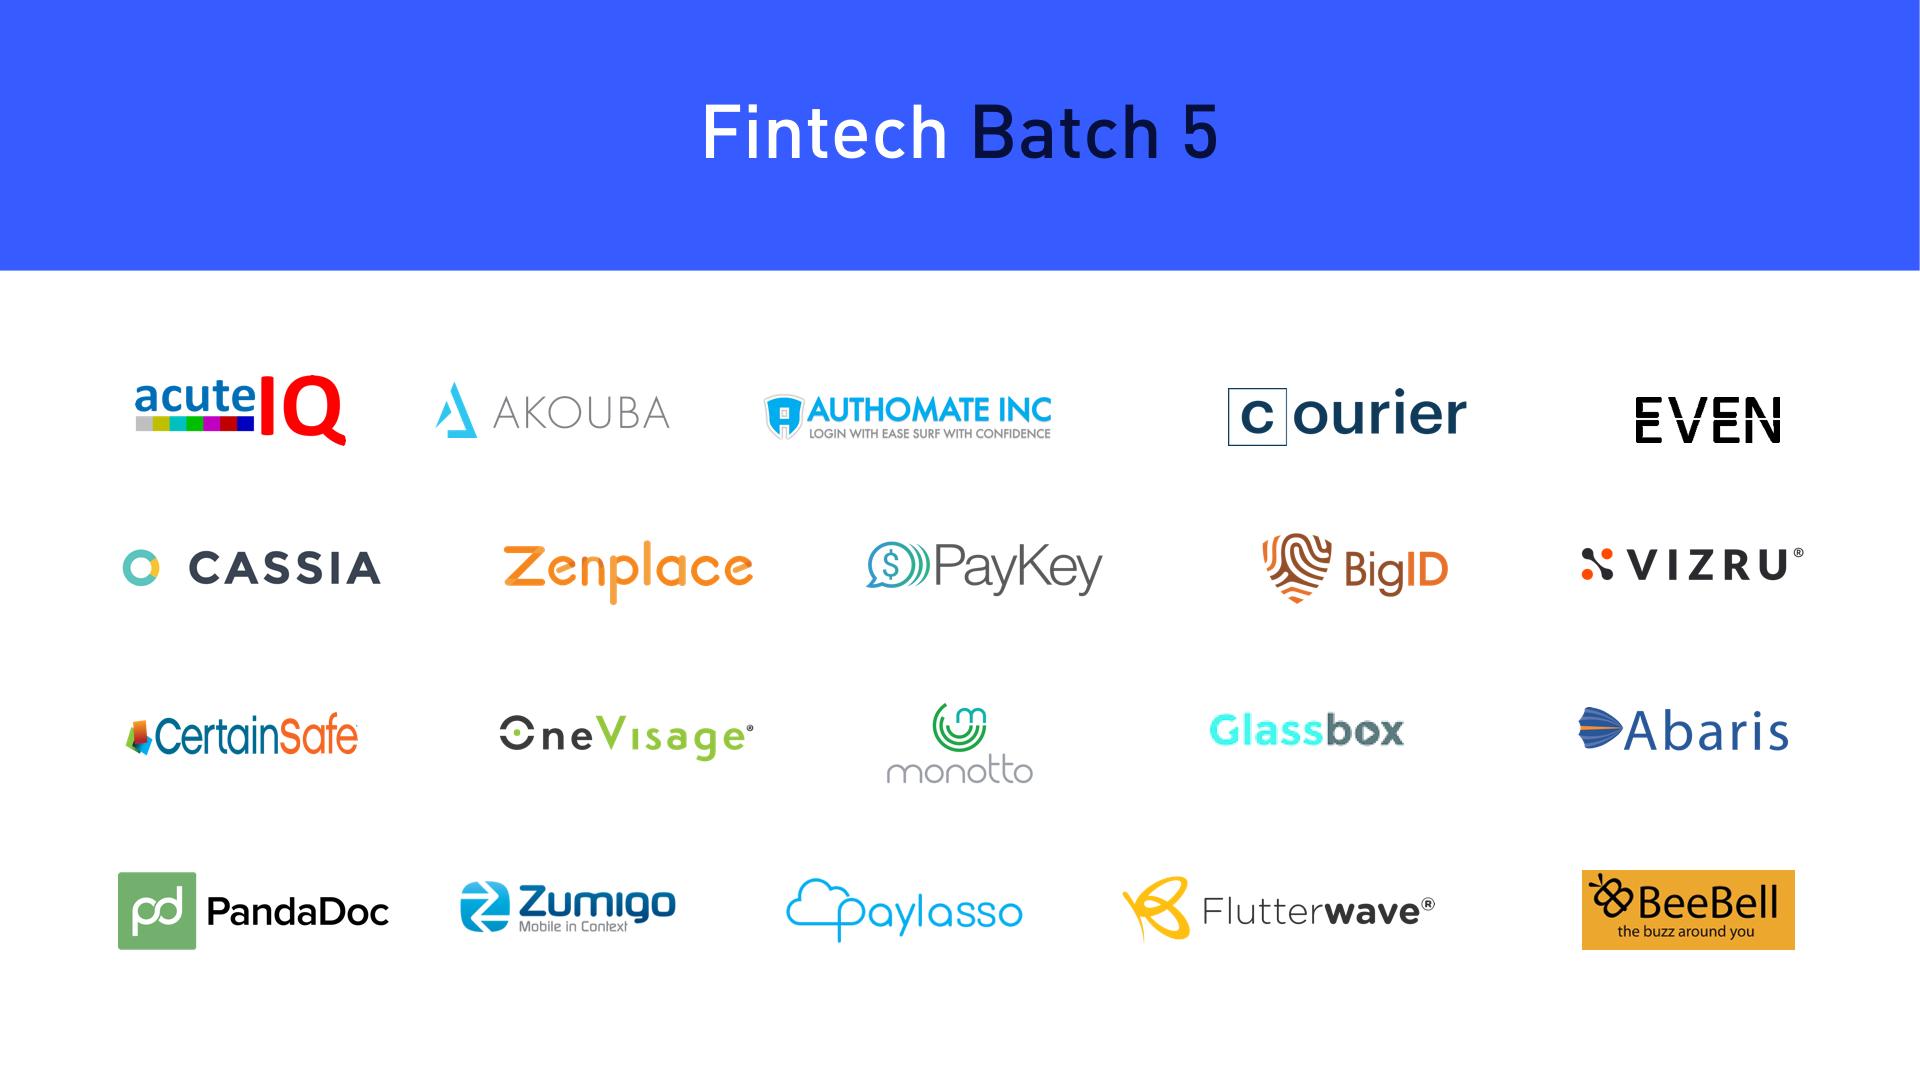 Fintech Spring 2017 Startups